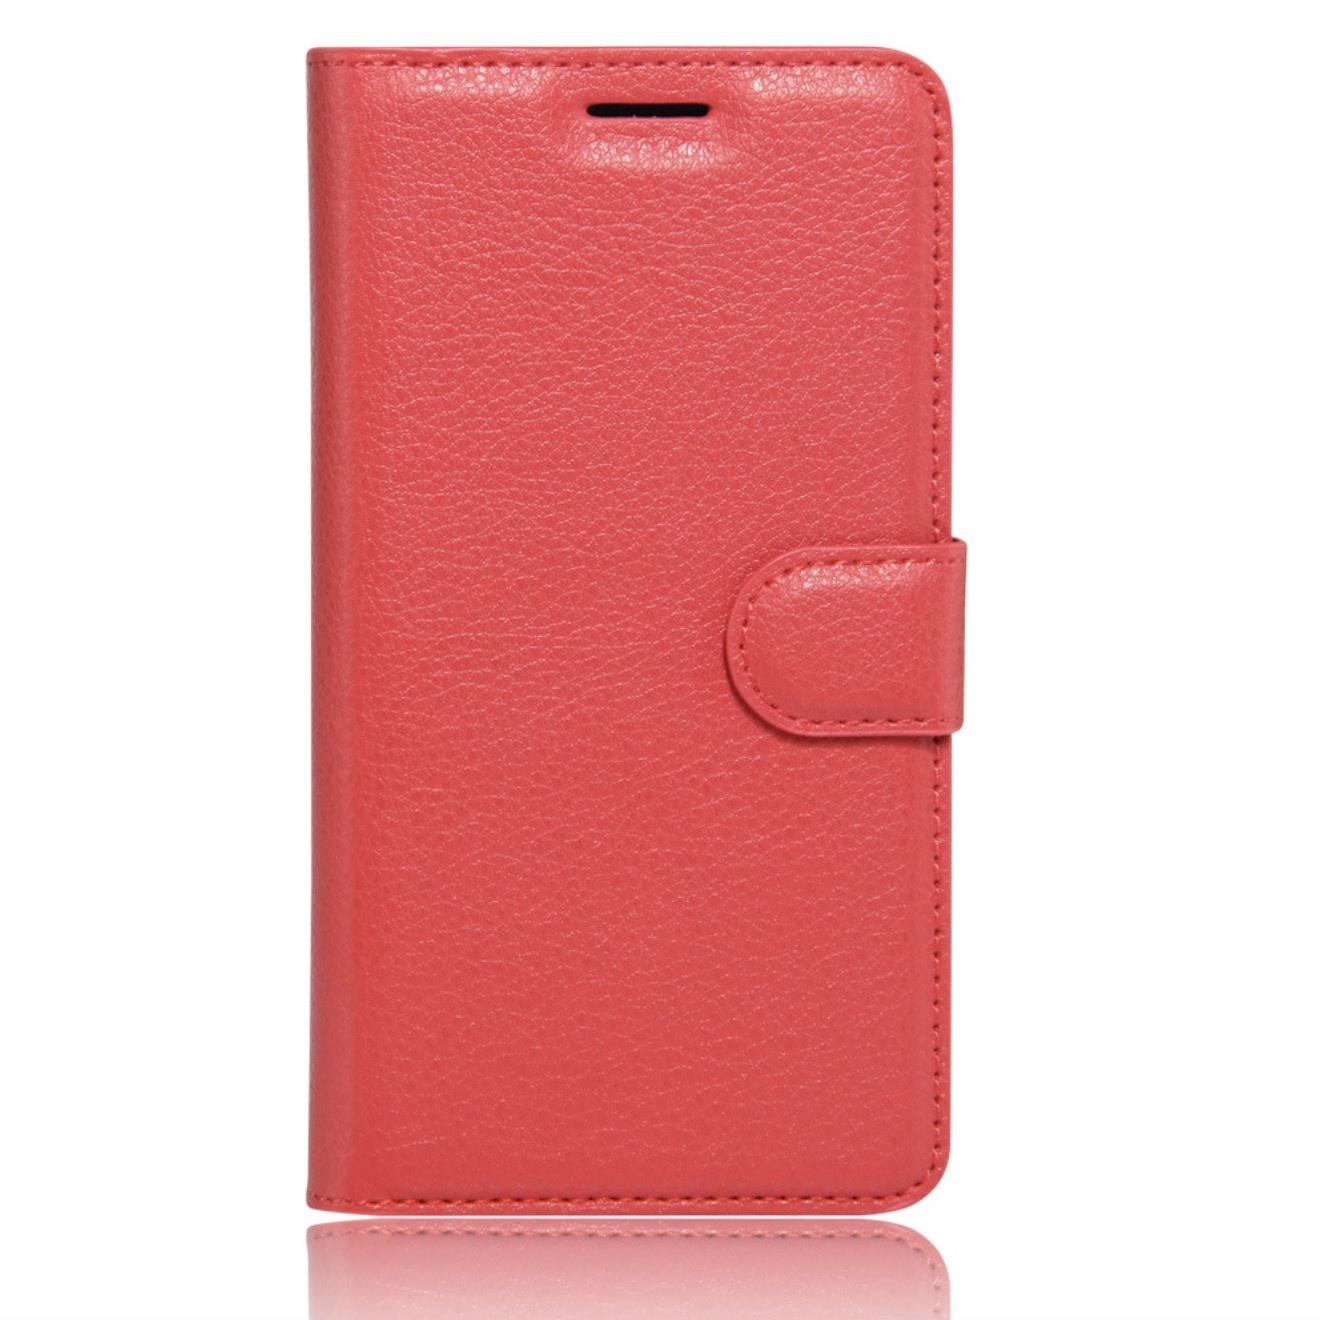 Чехол для сотового телефона MyPads для Lenovo Vibe C (A2020 / A2020a40 Dual Sim ) 5.0 с мульти-подставкой застёжкой и визитницей красный red tree design кожа pu откидной крышки кошелек карты держатель чехол для lenovo a2020